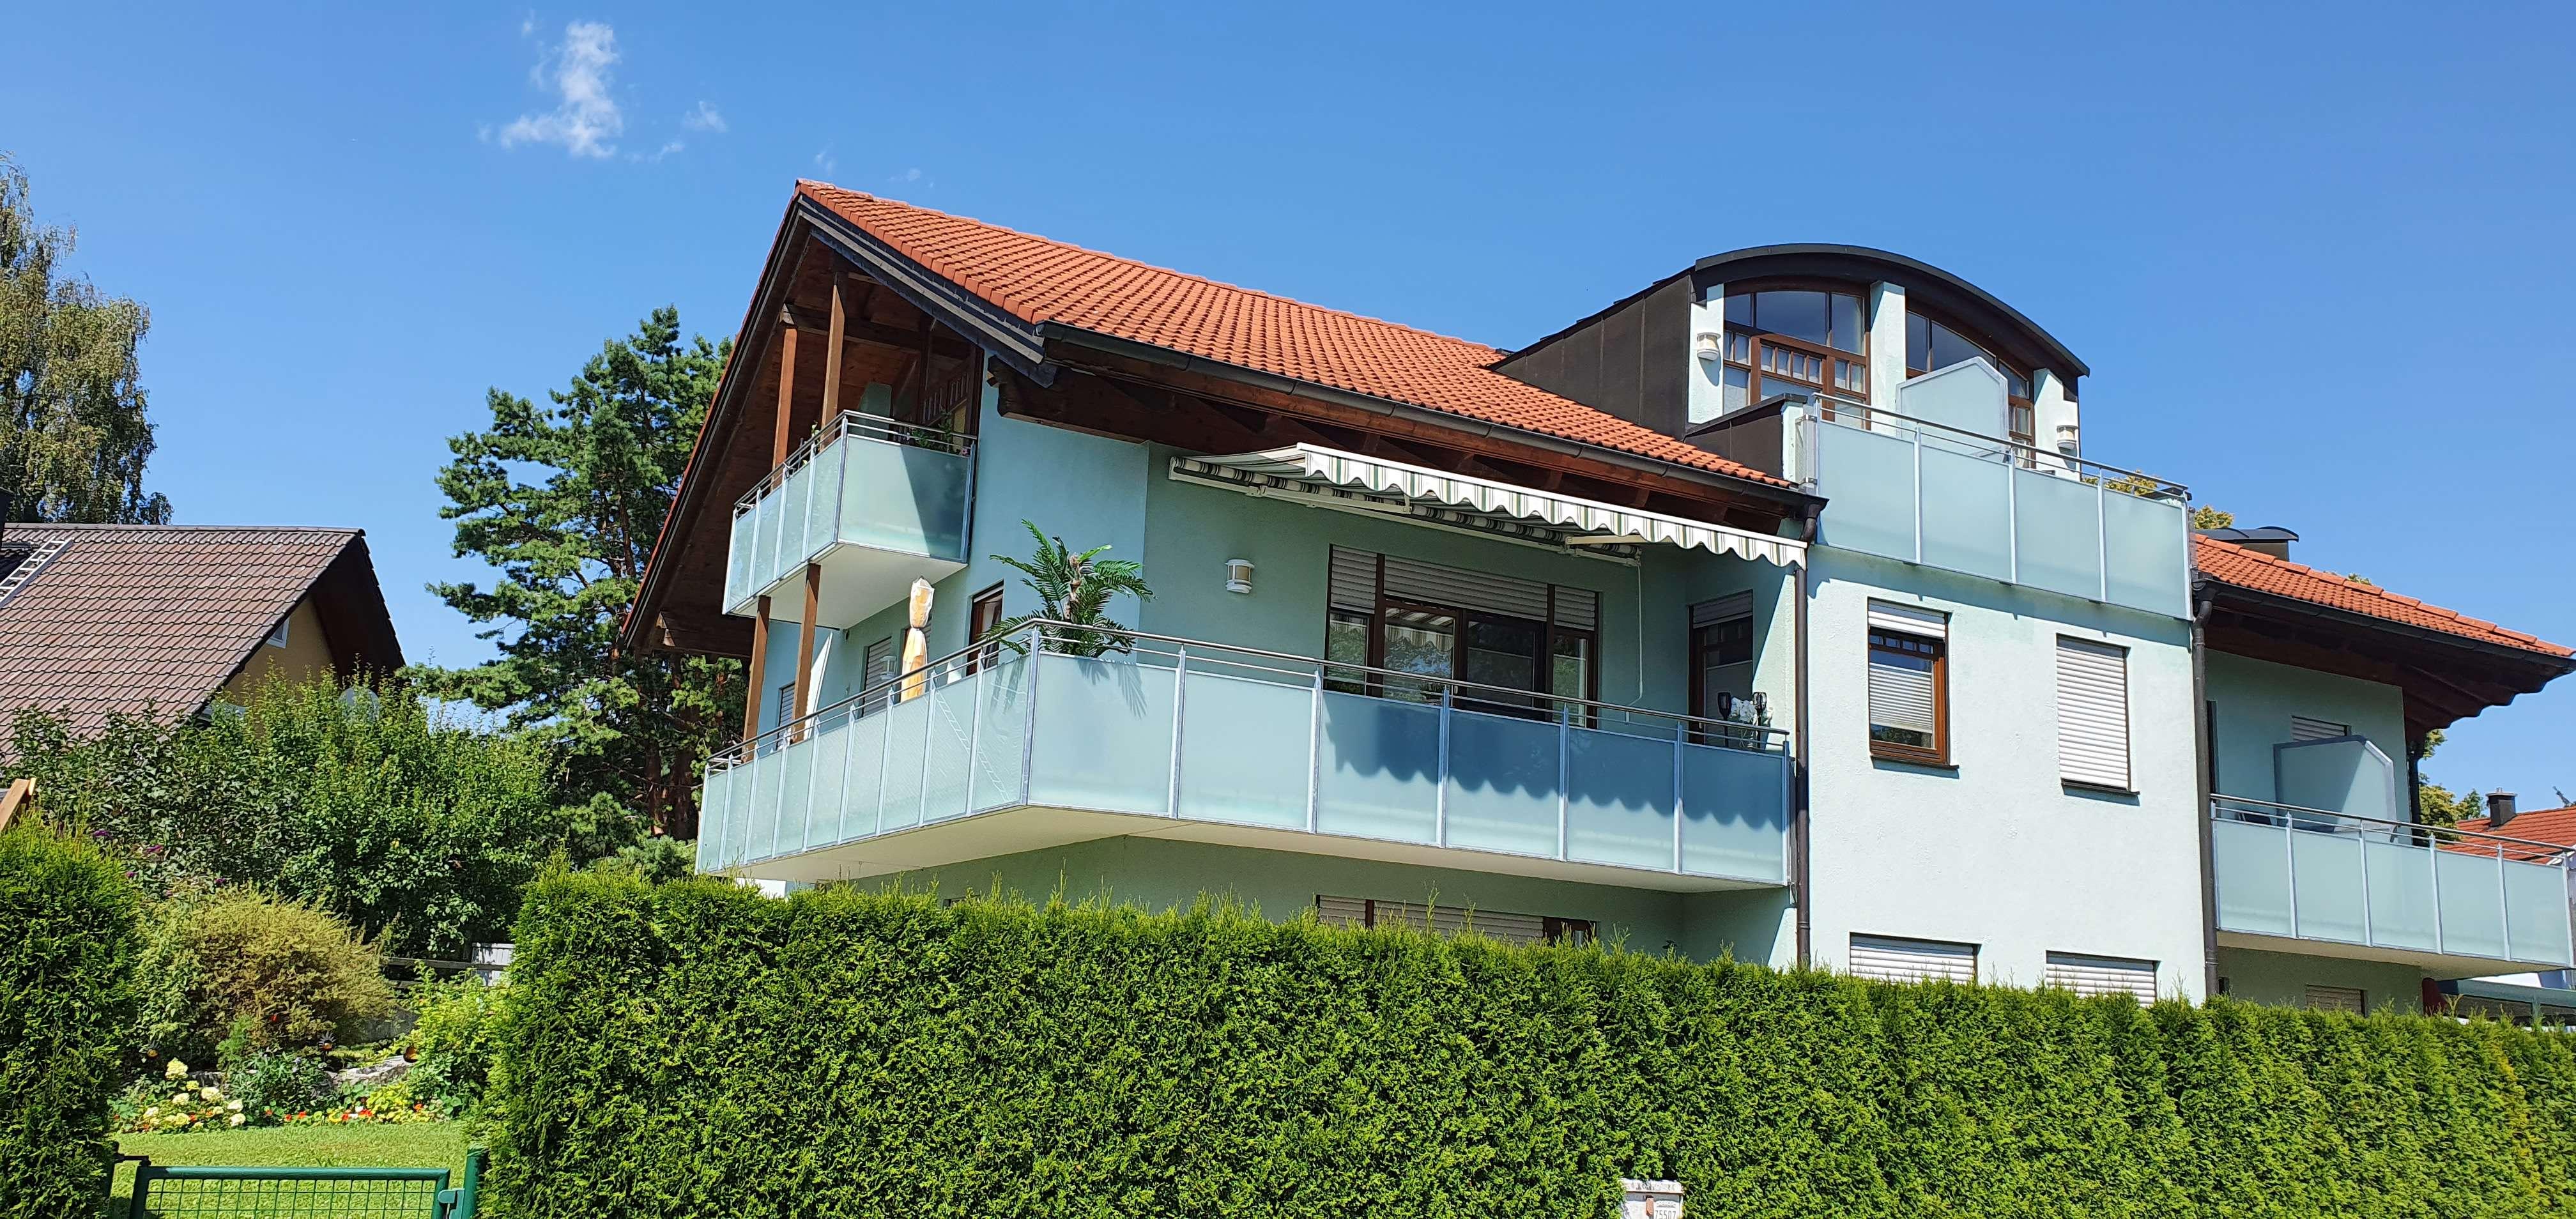 Helle 3-Zimmer-Wohnung mit großem Balkon in Freilassing in